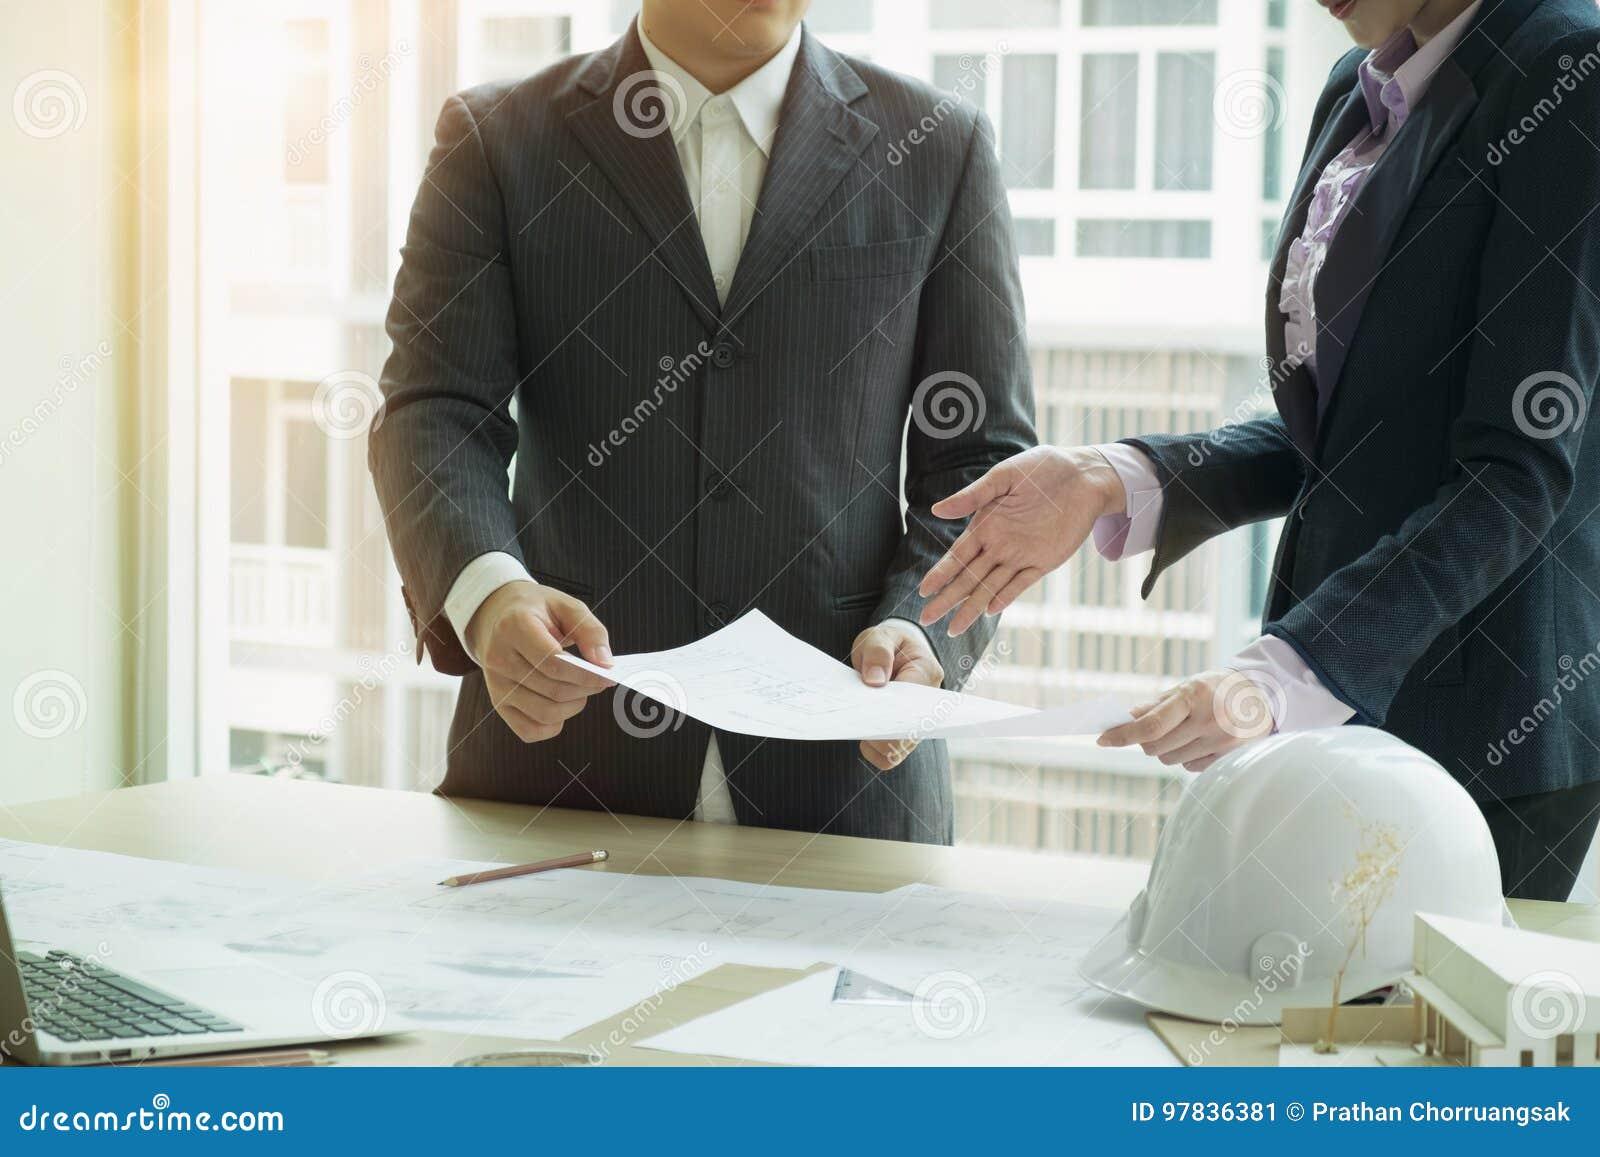 Planification d équipe de dessinateur d intérieurs avec la maison de construction